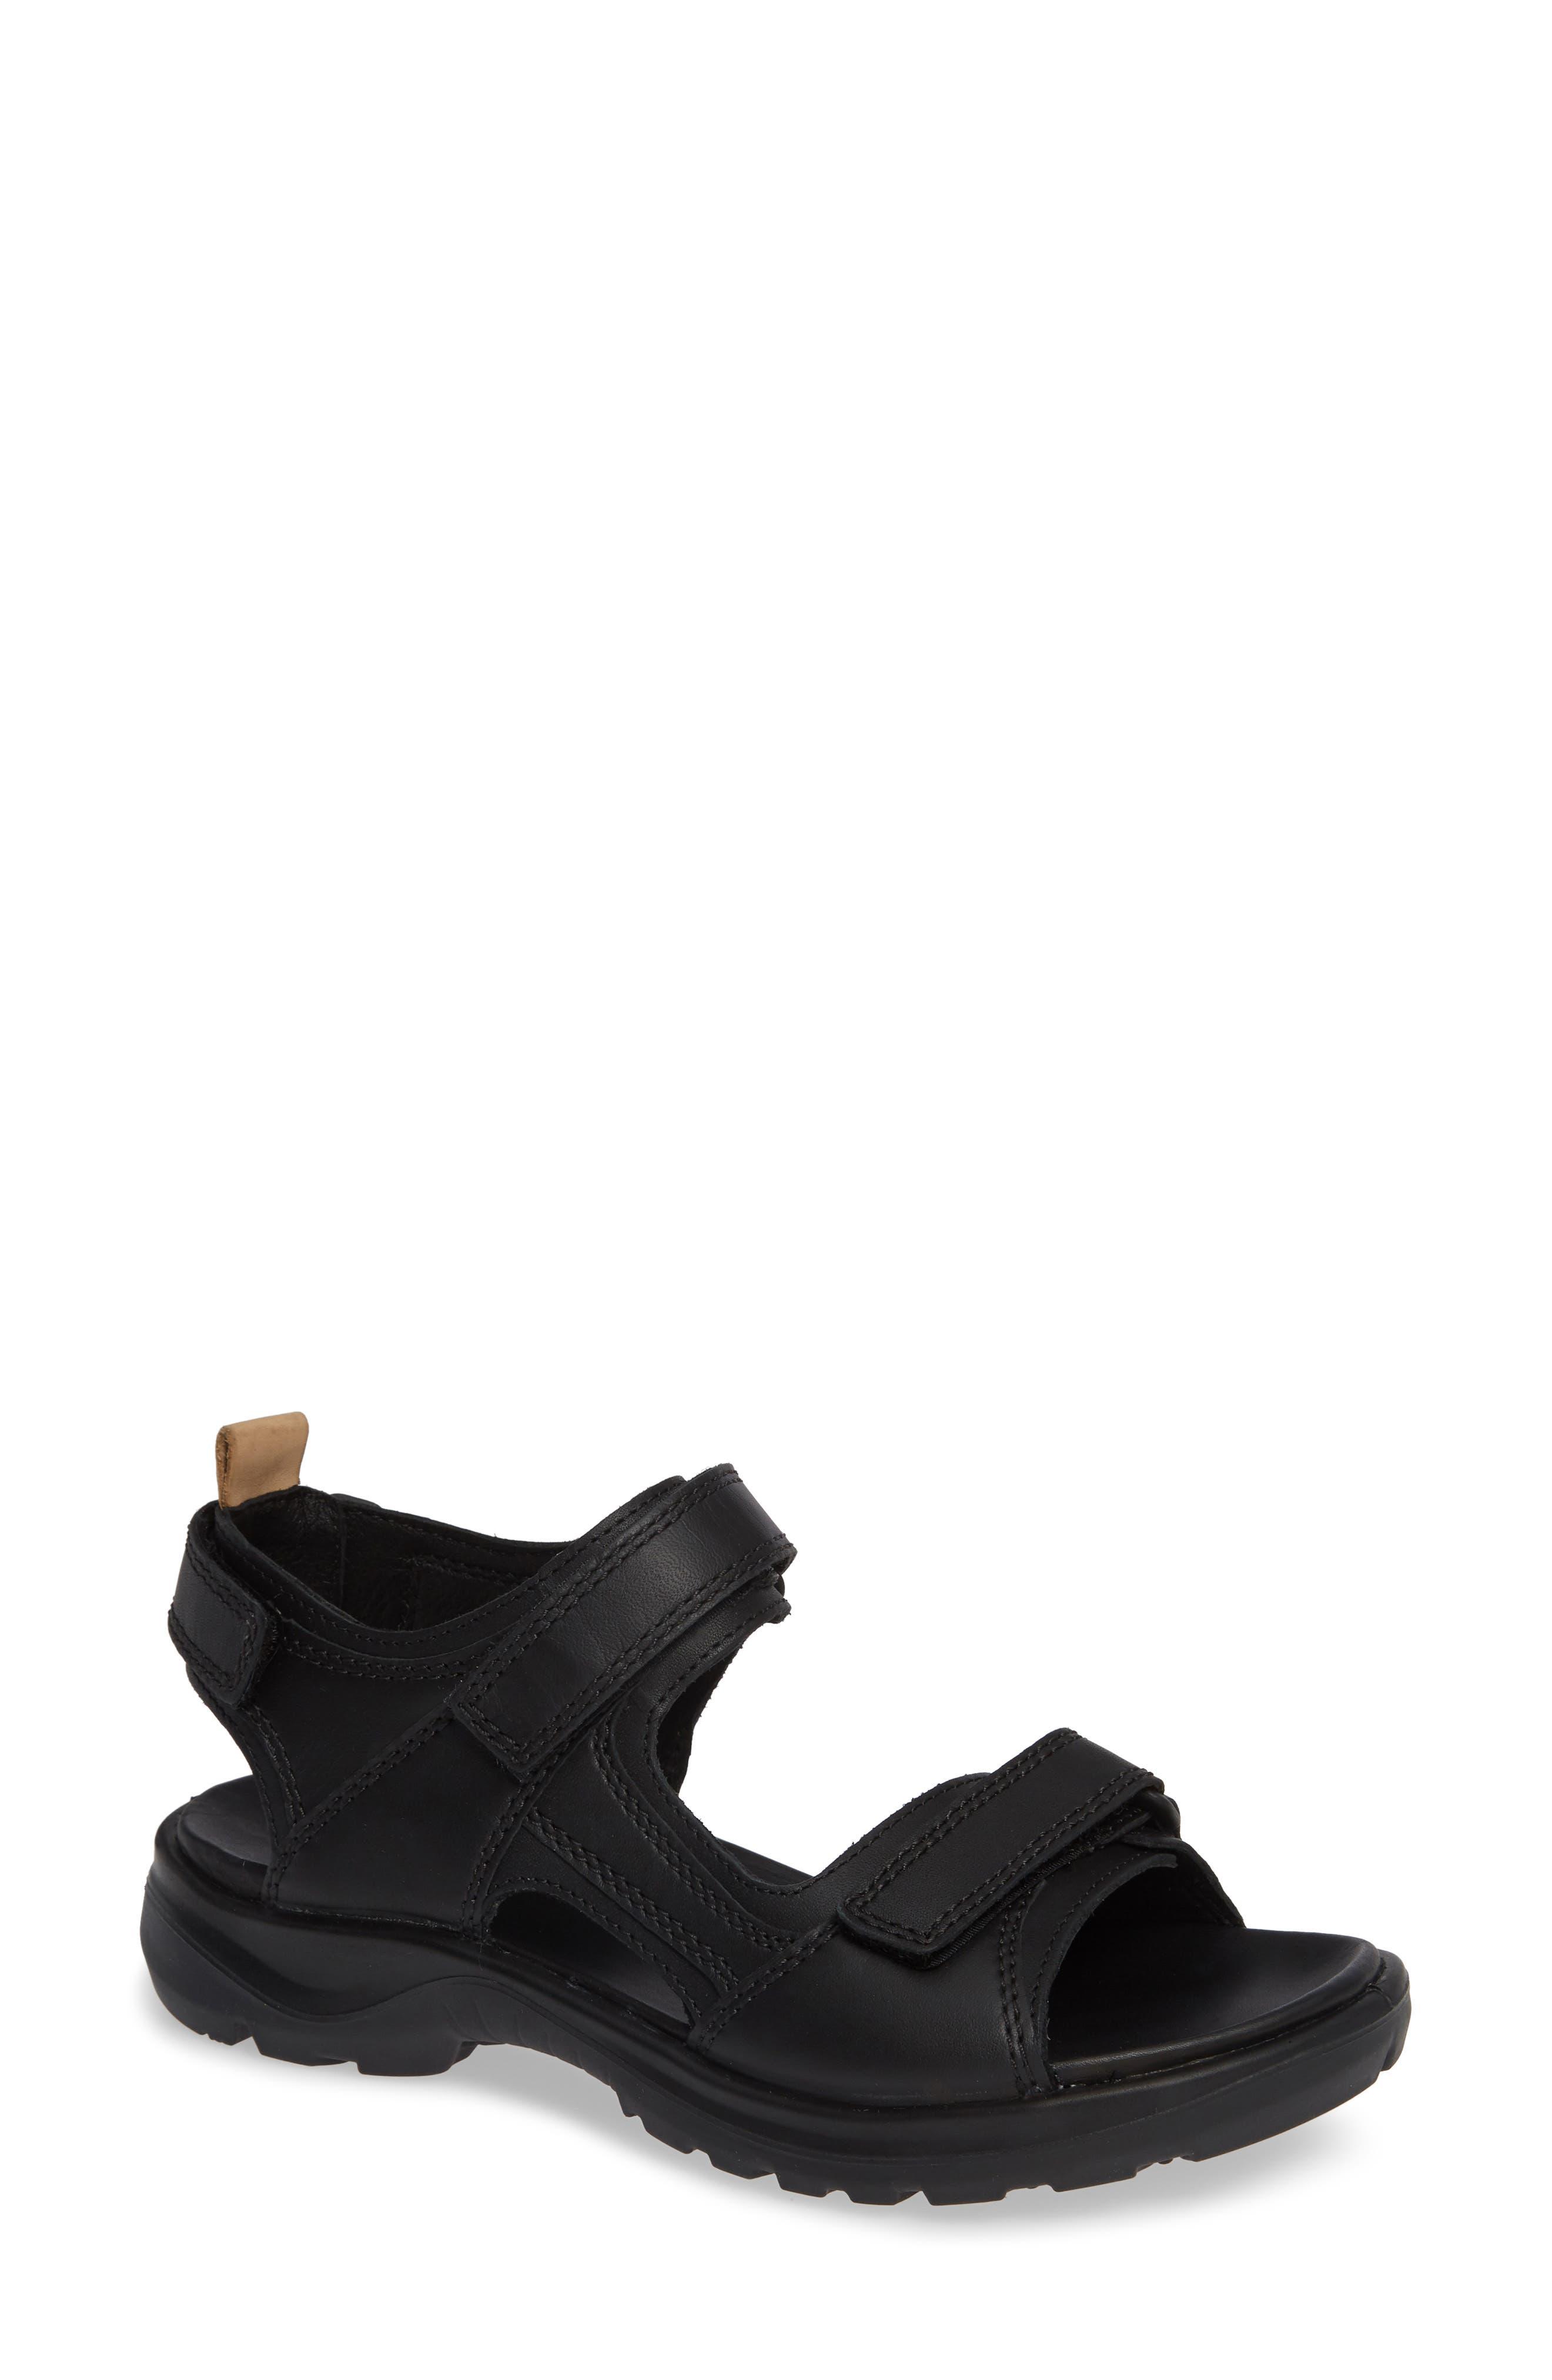 c4f05d8e7954 Women s Sandals  Sale